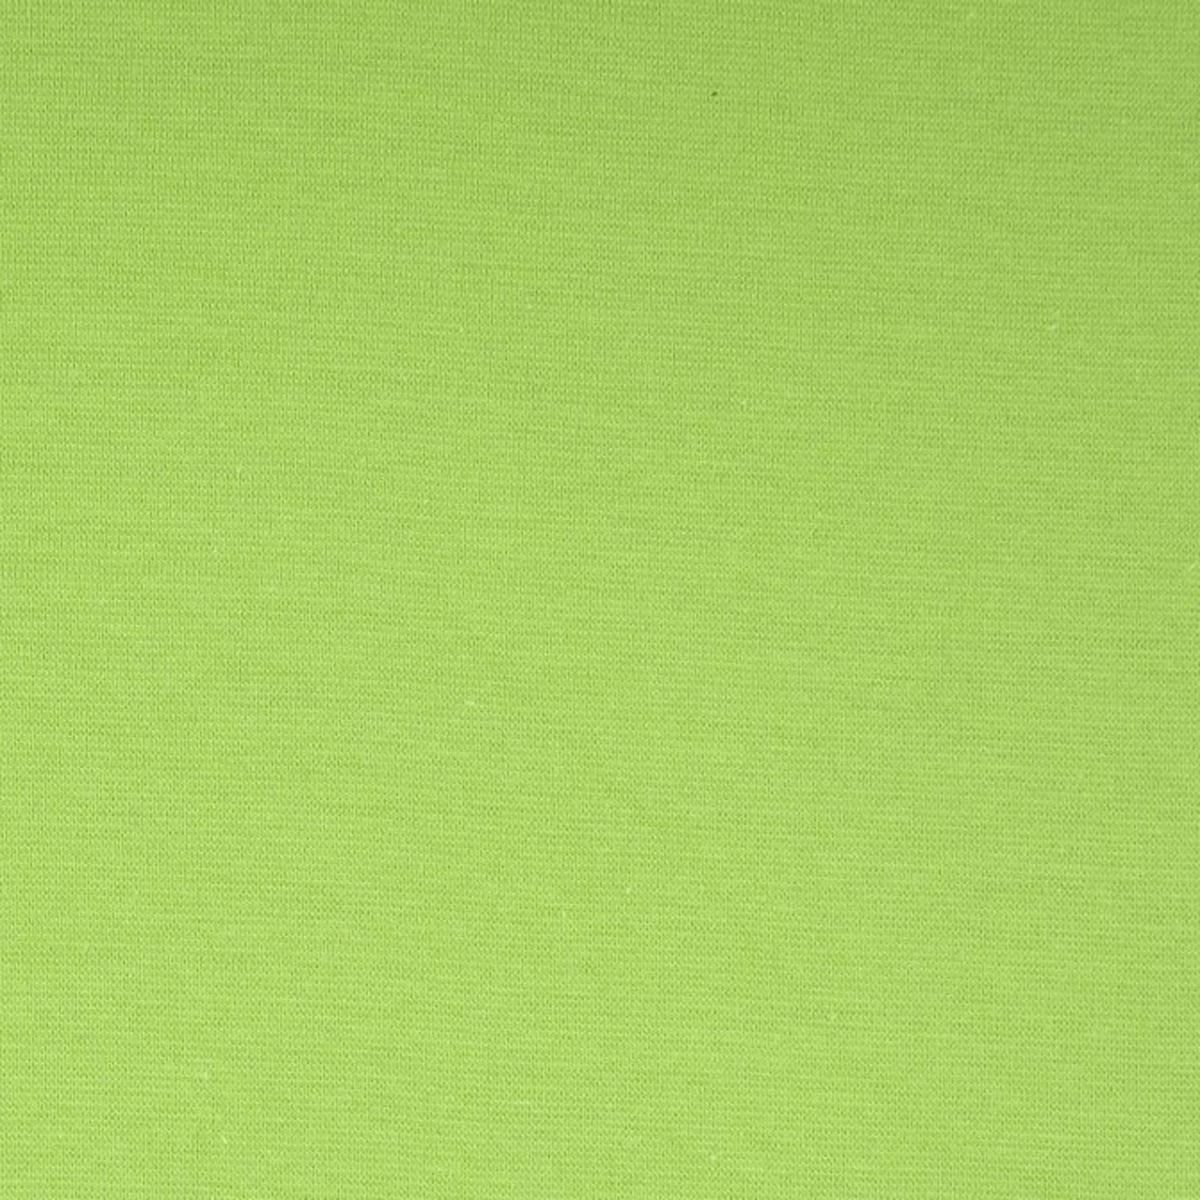 50cm Bündchen / Schlauchware glatt kiwi grün 4035